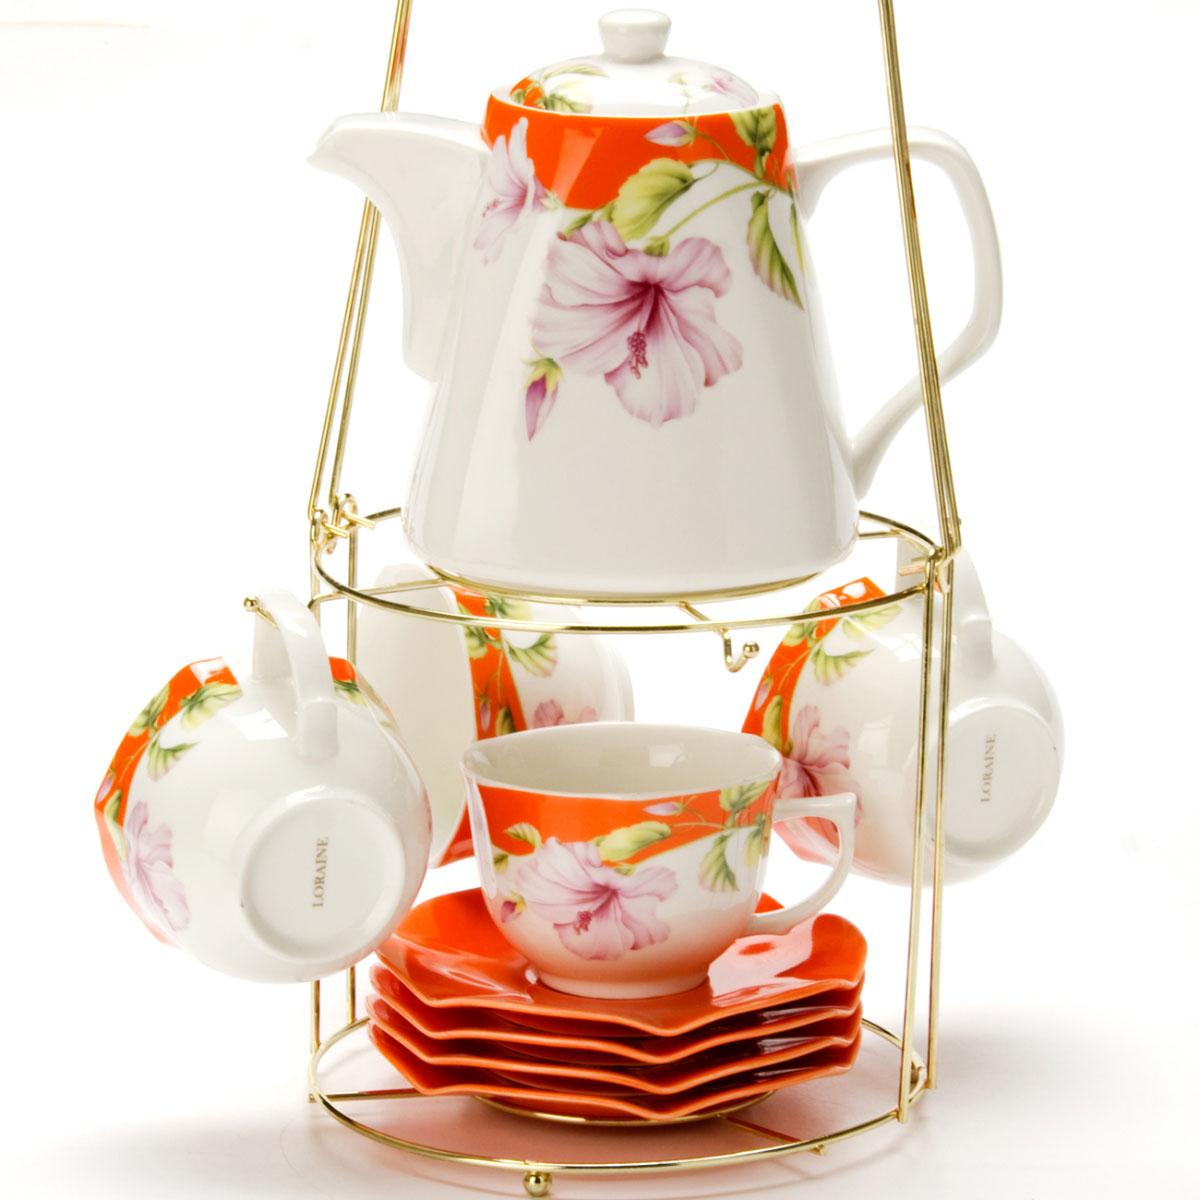 Набор чайный Mayer & Boch, на подставке, 9 предметов. 2473924739Чайный набор LORAINE состоит из 4 чашек, 4 блюдец и заварочного чайника (1,1 л). Предметы набора изготовлены из керамики и оформлены изображением цветов. Все предметы располагаются на удобной металлической подставке с ручкой. Элегантный дизайн набора придется по вкусу и ценителям классики, и тем, кто предпочитает утонченность и изысканность. Он настроит на позитивный лад и подарит хорошее настроение с самого утра. Чайный набор LORAINE идеально подойдет для сервировки стола и станет отличным подарком к любому празднику.